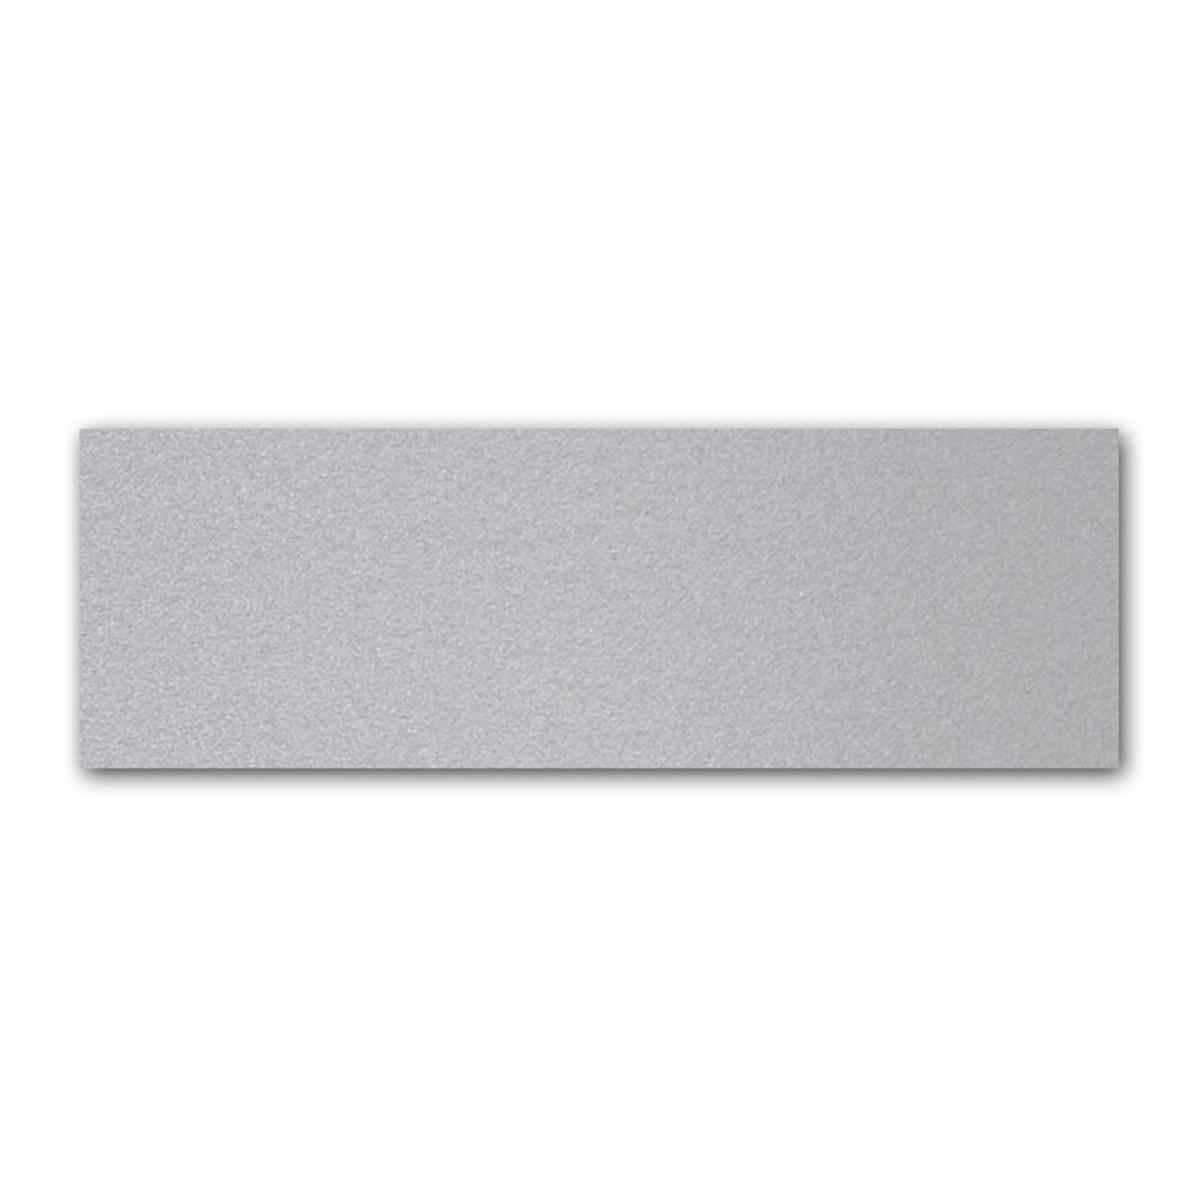 Кромочная лента 19 мм 5 м цвет металл